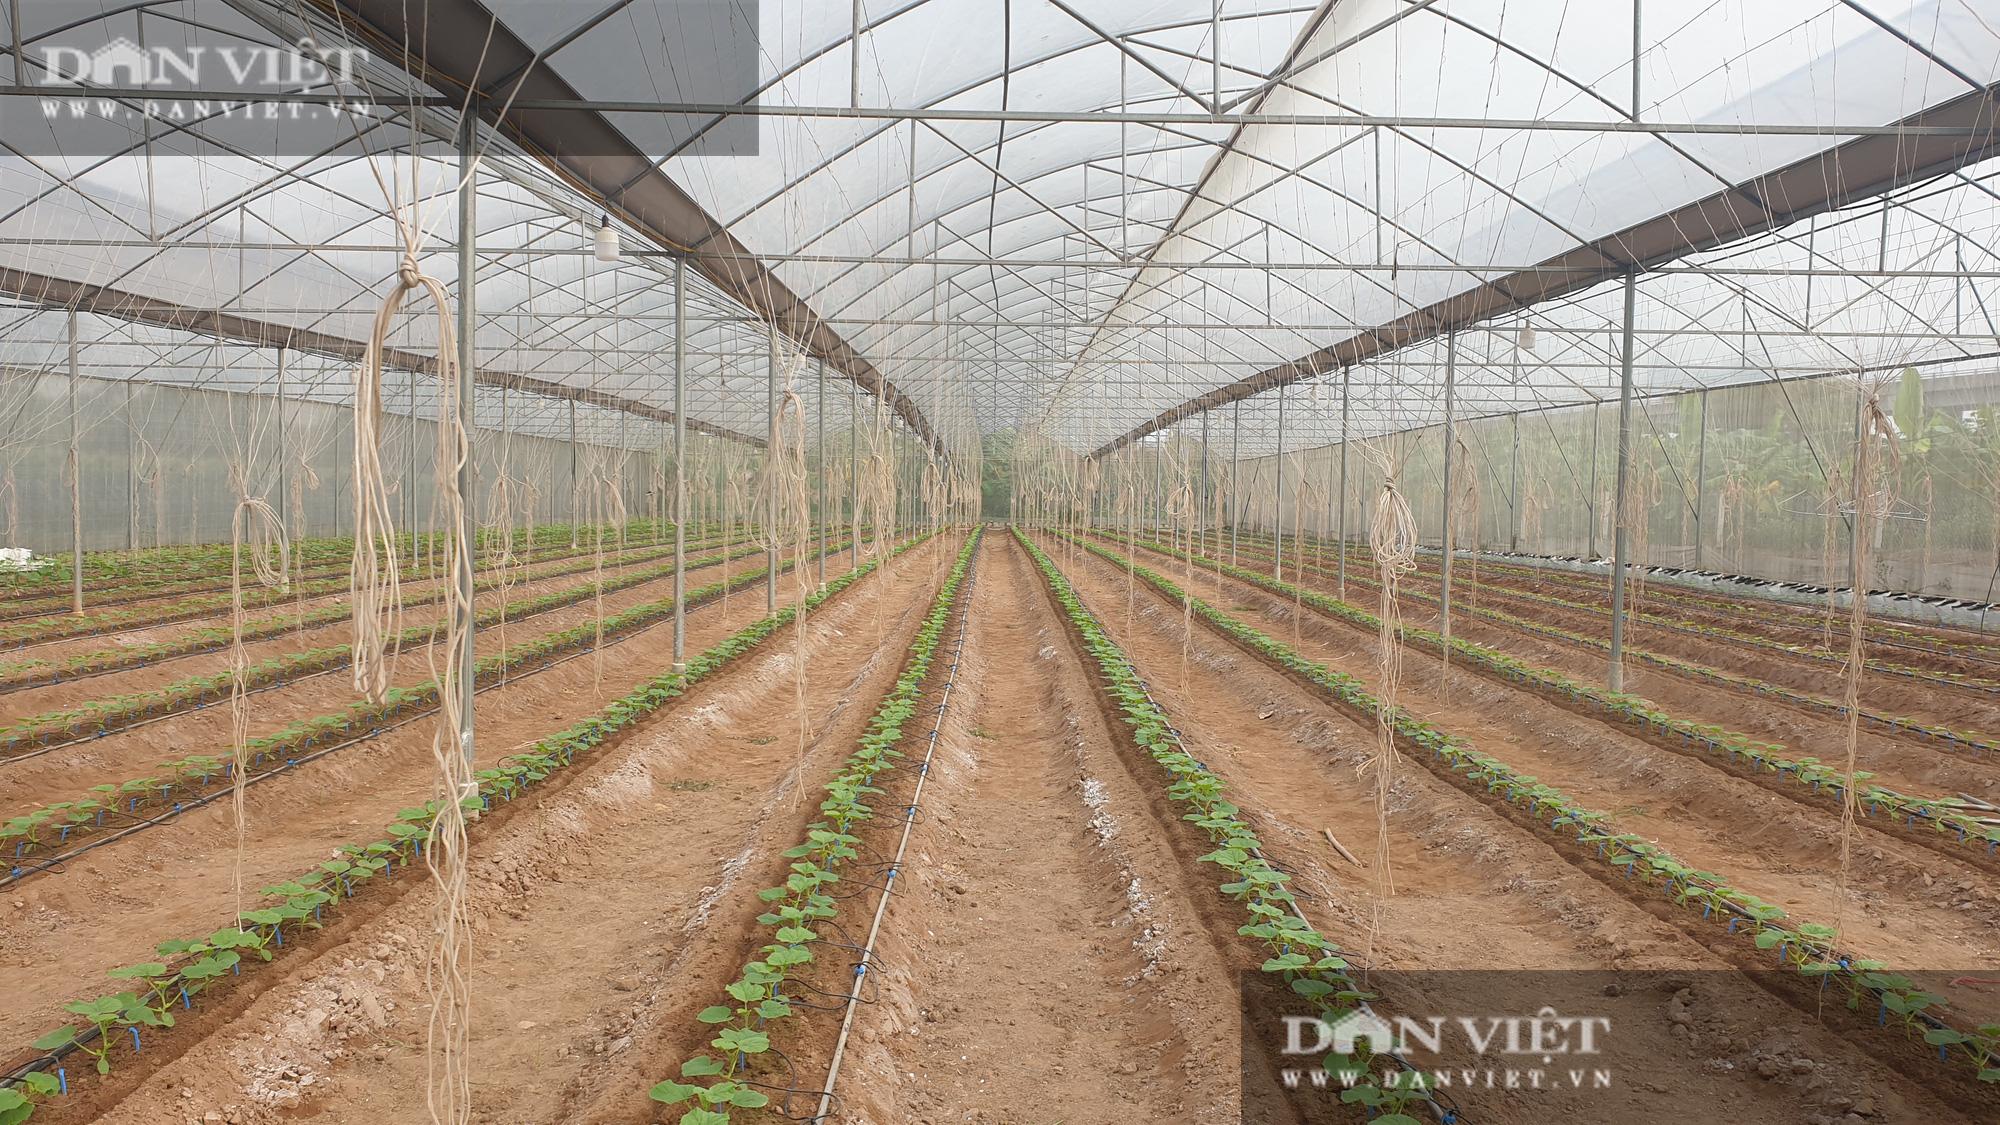 Thái Bình: Đam mê trồng dưa công nghệ cao, U50 bỏ túi hơn nửa tỷ đồng/năm - Ảnh 2.